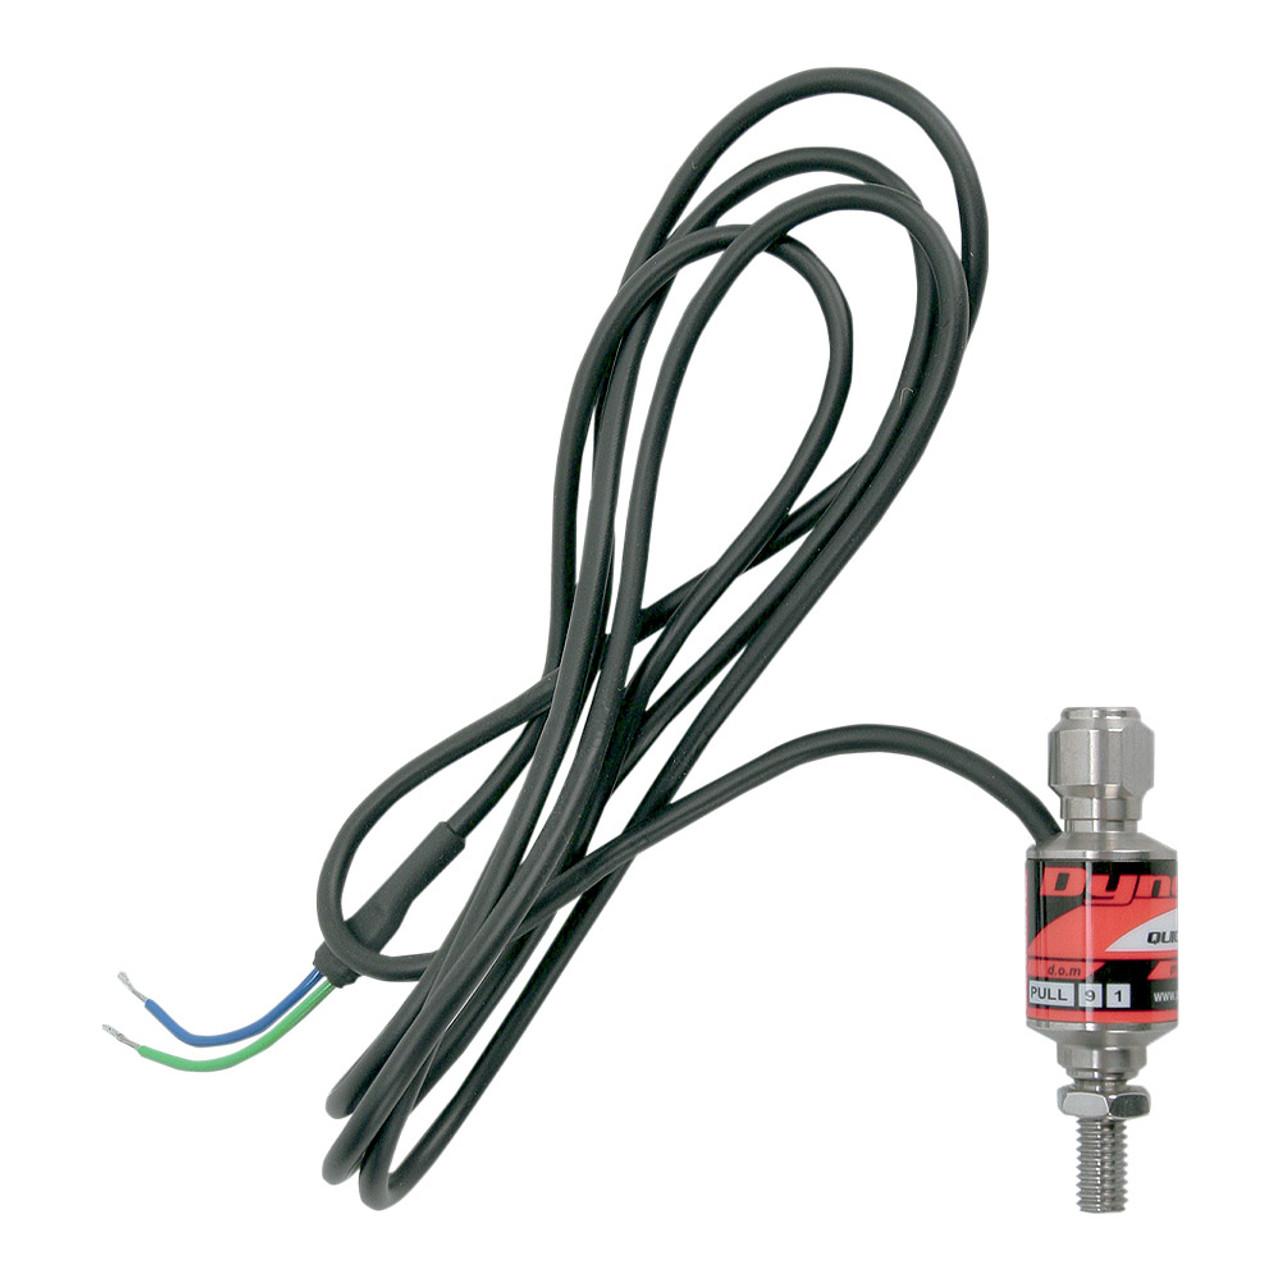 hight resolution of dynojet power commander v quick shifter sensordynojet power commander v quick shifter sensor pull